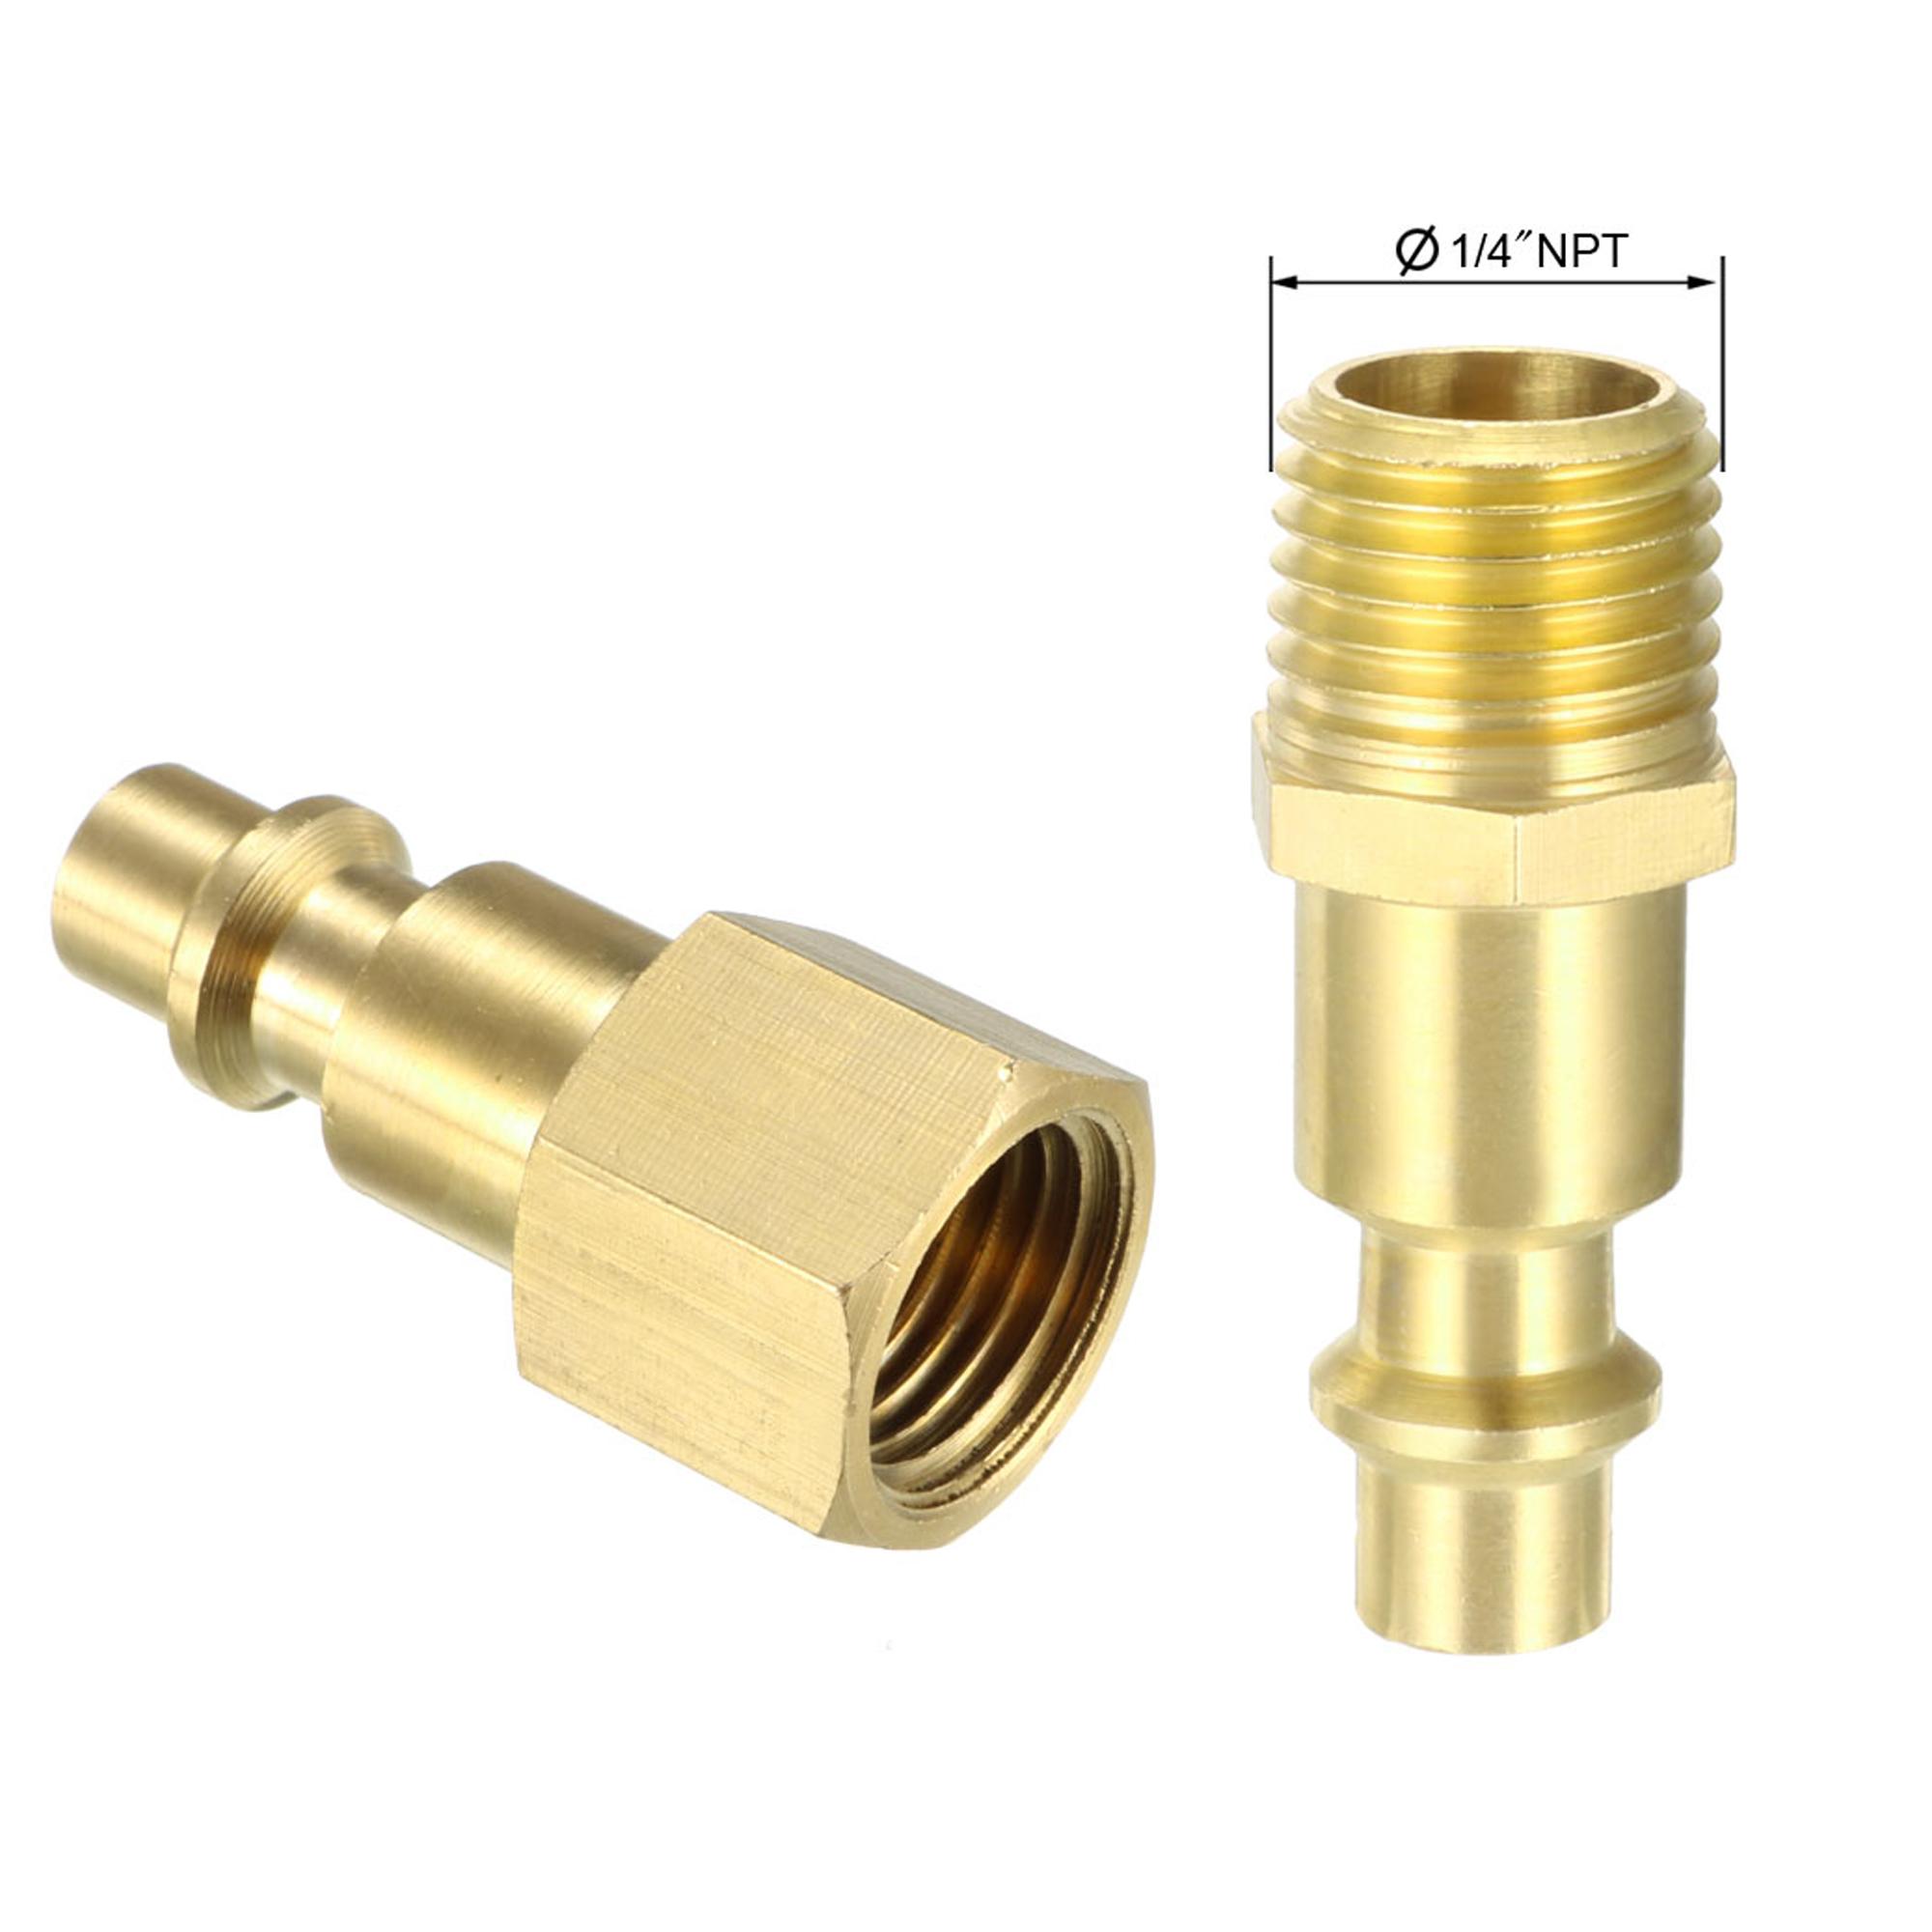 """Coupler & Plug Kit (5 Piece) , 1/4"""" NPT Male/Female Brass Industrial Quick-Connect Fitting Quick Coupler Set - image 2 de 4"""